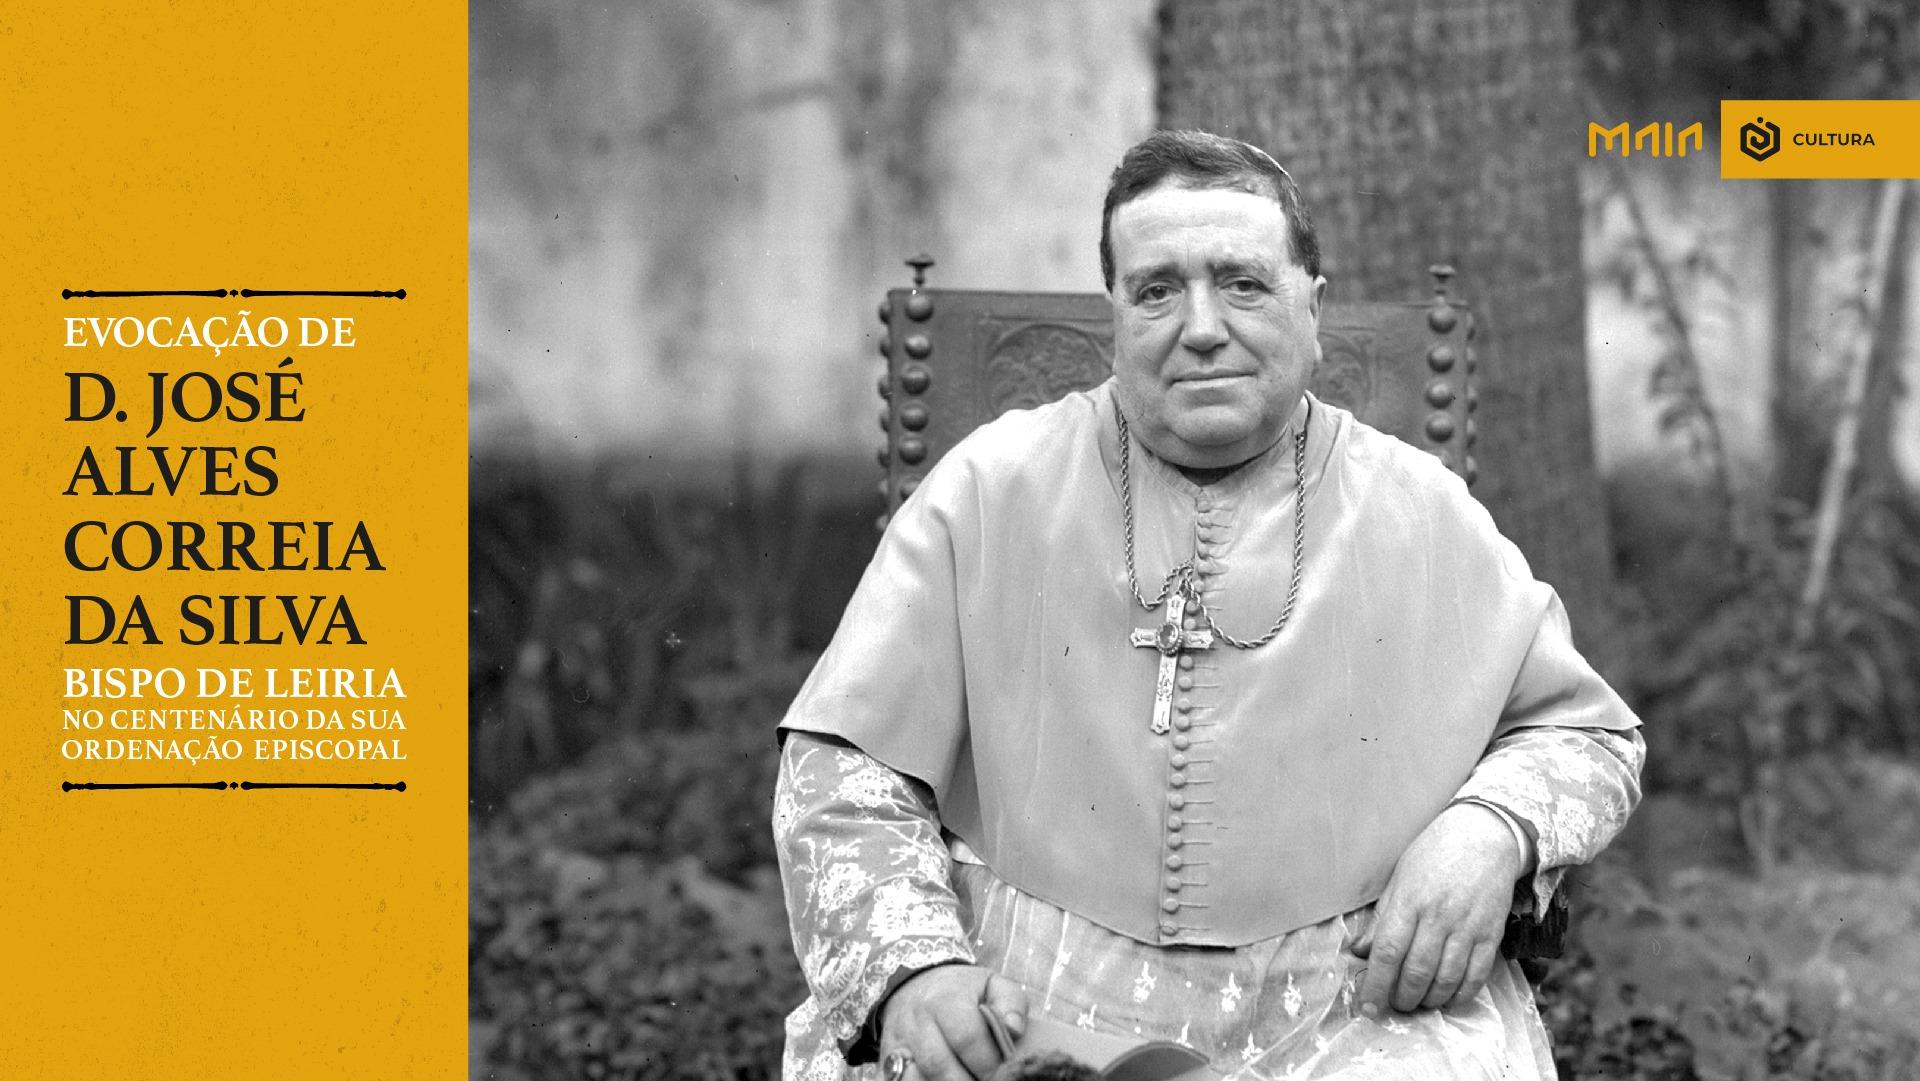 Evocação D. José Alves Correia, Bispo de Leiria.